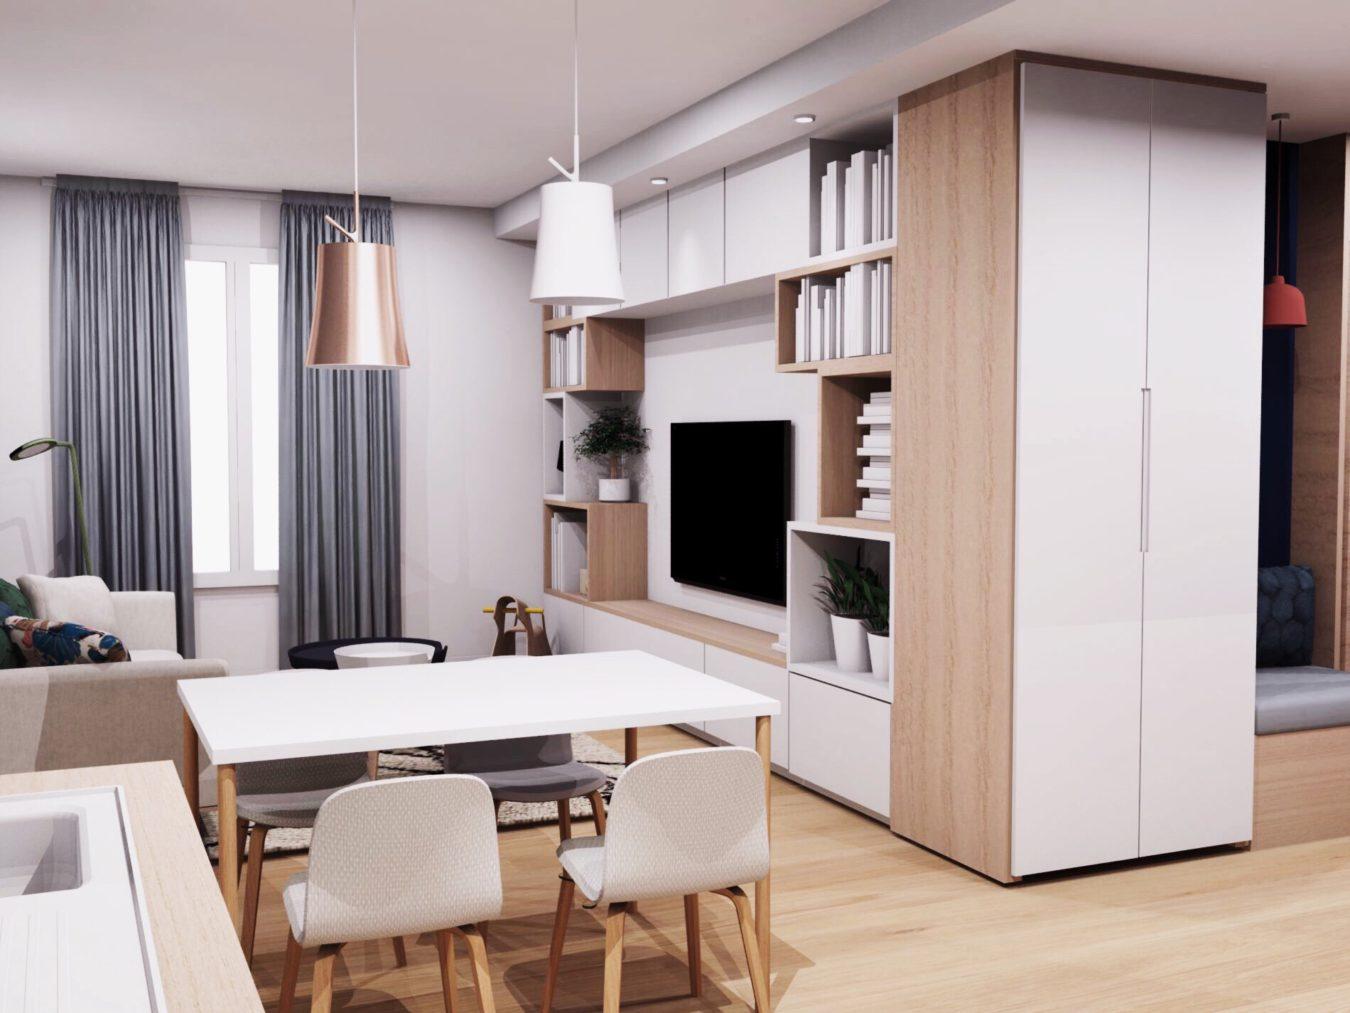 Anouck Charbonnier - Aménagement intérieur design d'un salon en appartement